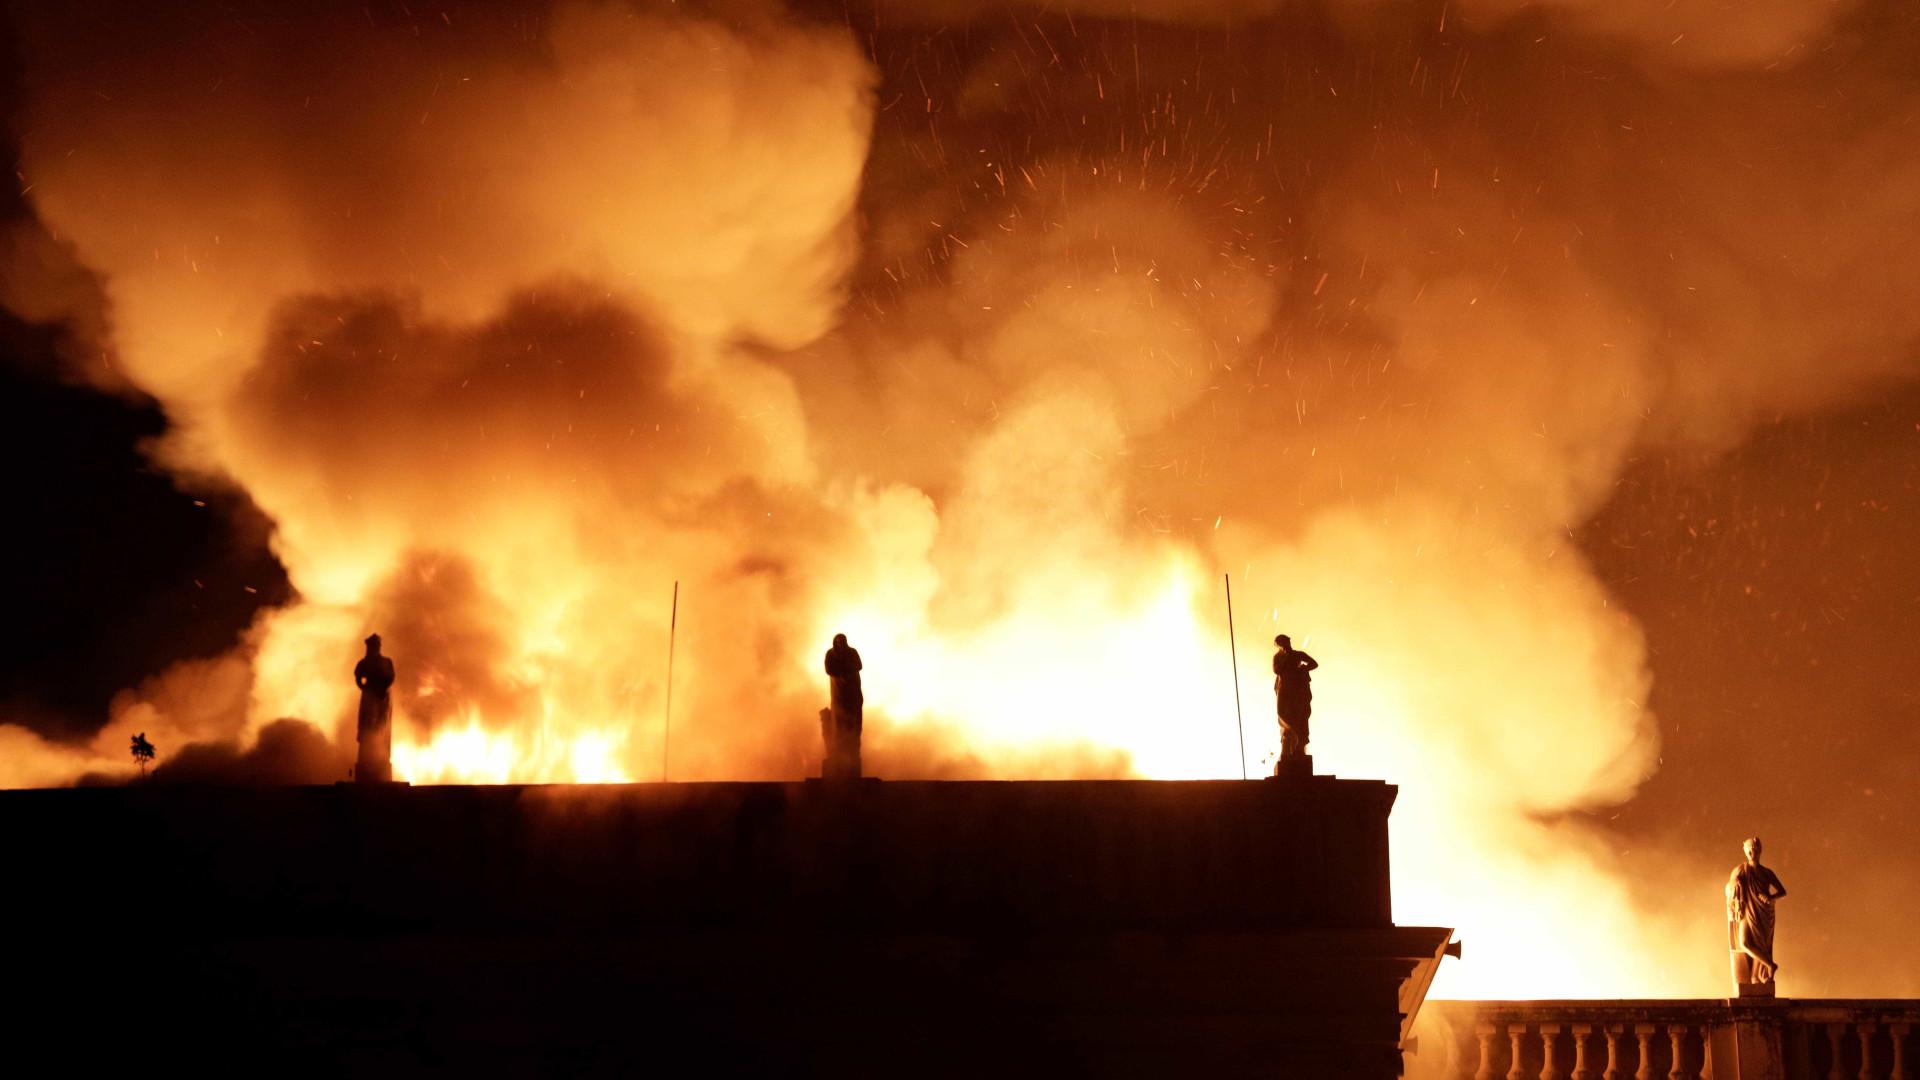 Causa de incêndio pode ter sido queda de balão, diz ministro